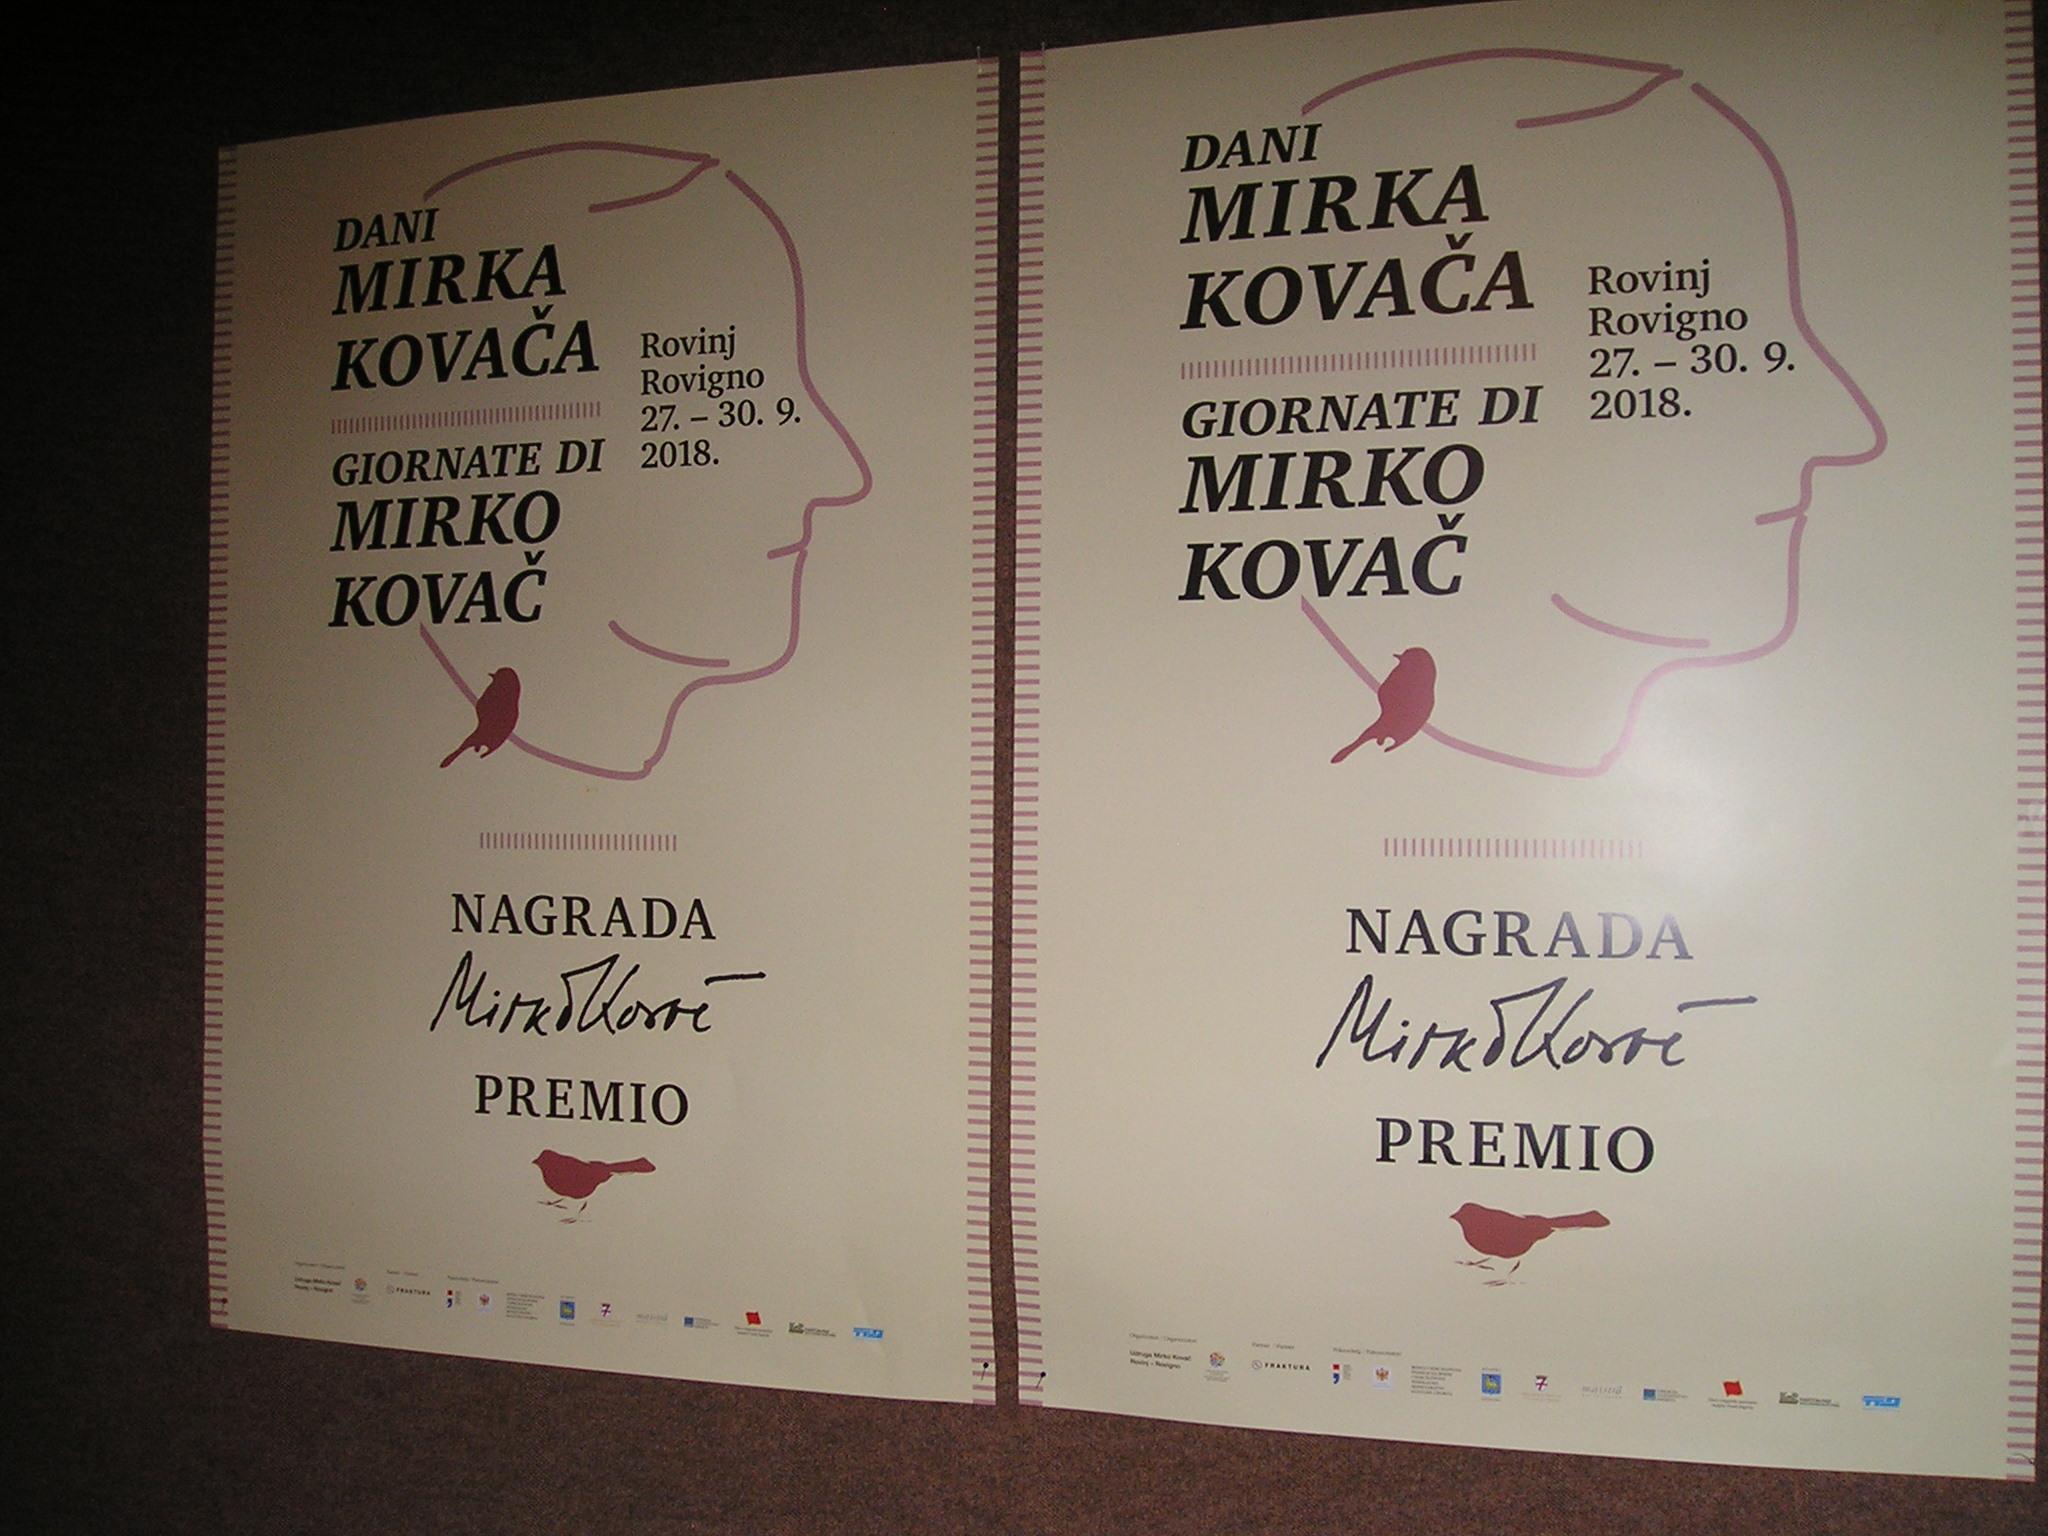 Quinta edizione delle Giornate di Mirko Kovač